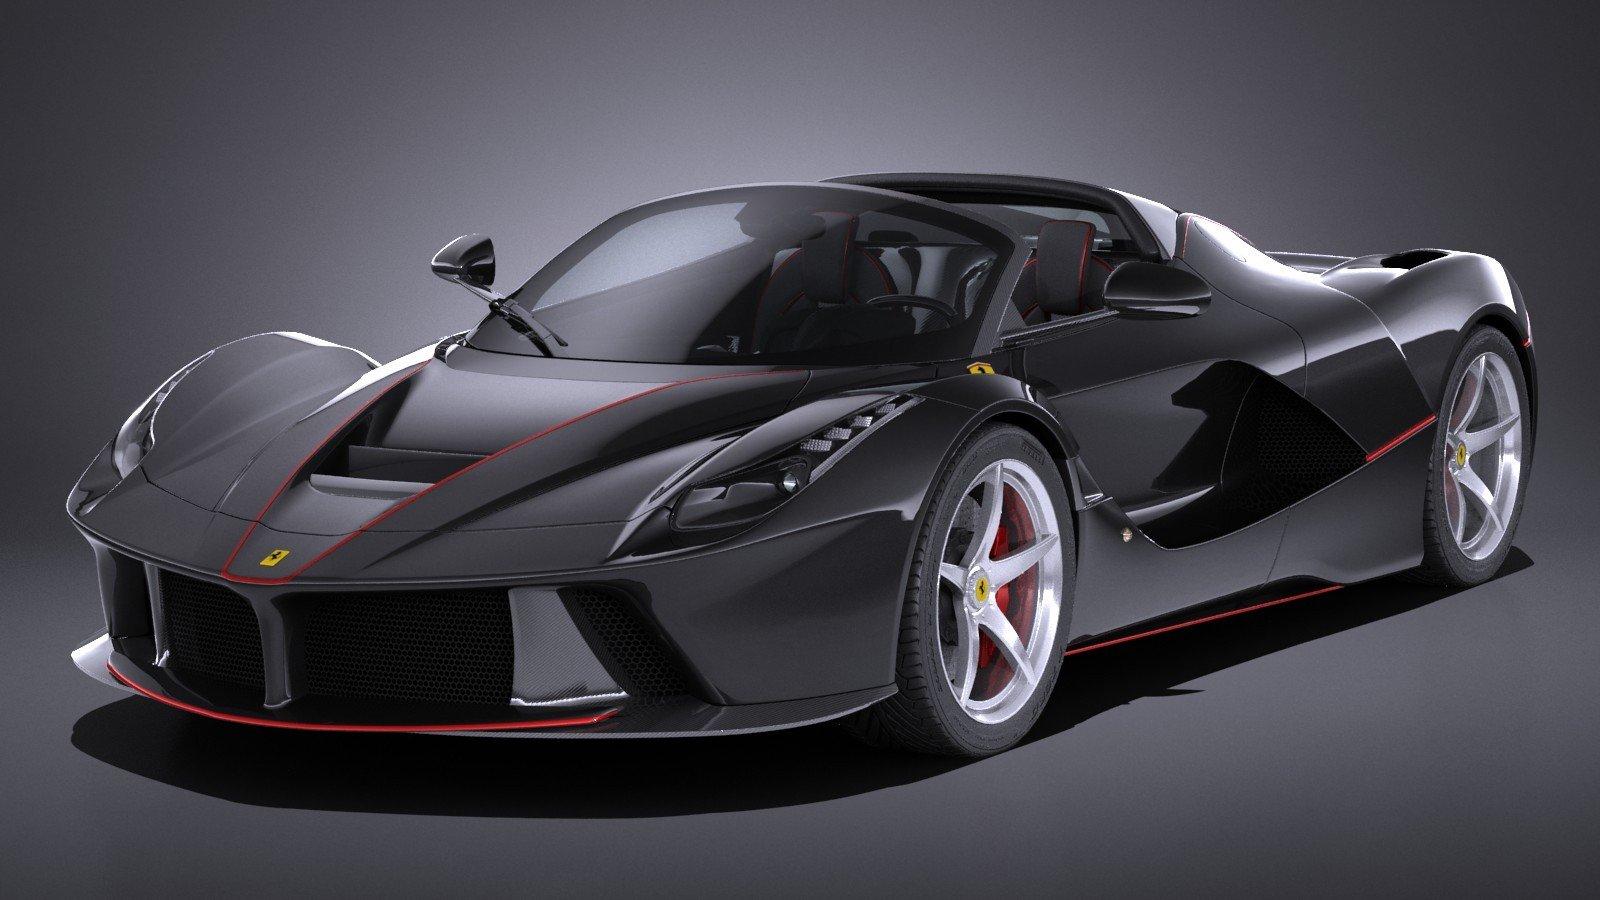 Итальянский производитель Феррари отказалась торговать LaFerrari Aperta американскому коллекционеру